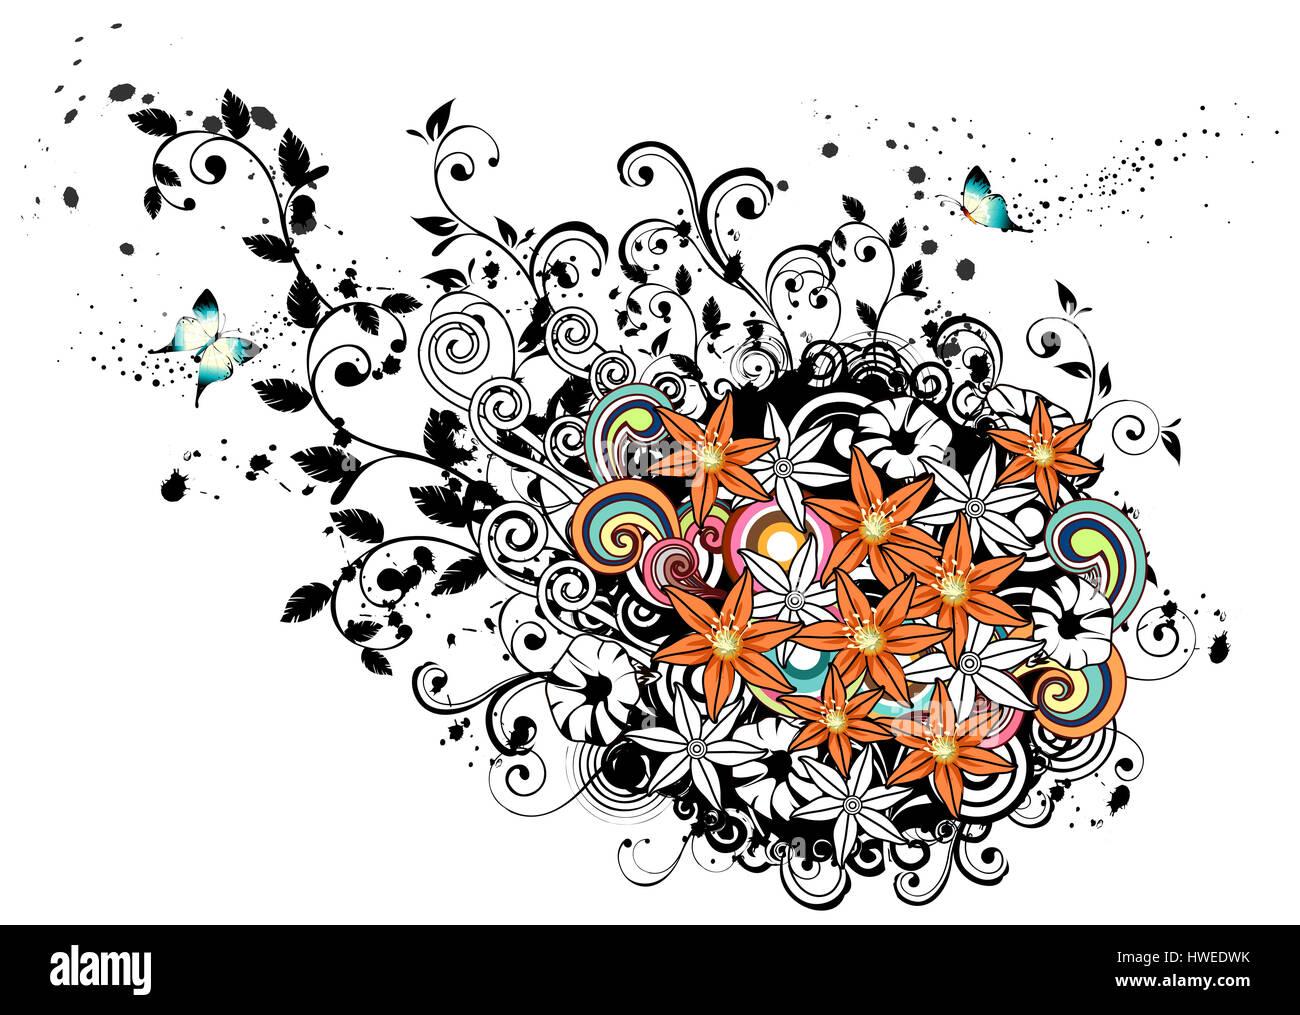 Weiß Weißer Hintergrund Hintergrund Abstrakt Kunst Kunstwerk